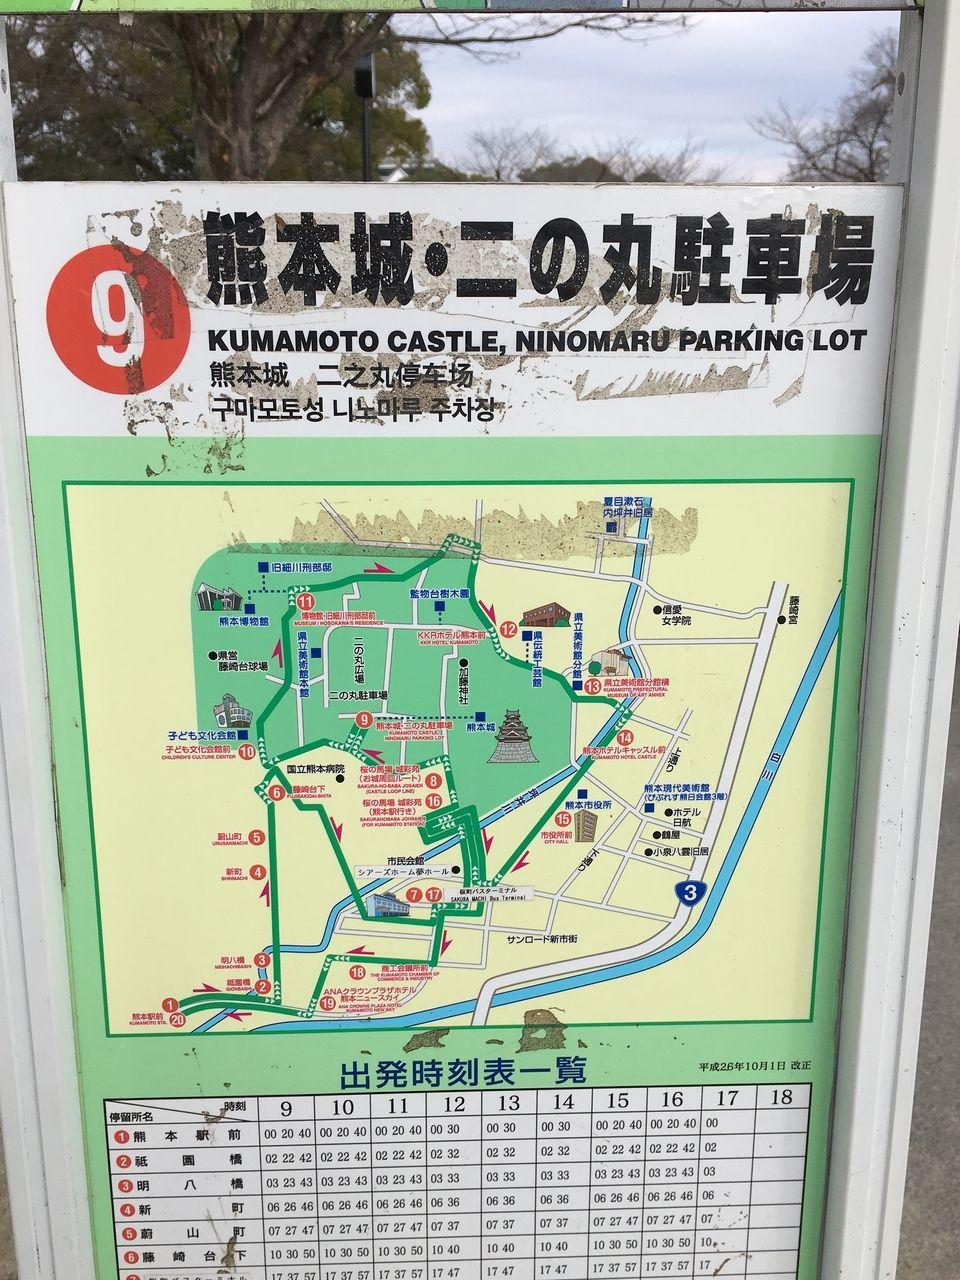 周遊バスの熊本城・二の丸駐車場の停留所看板